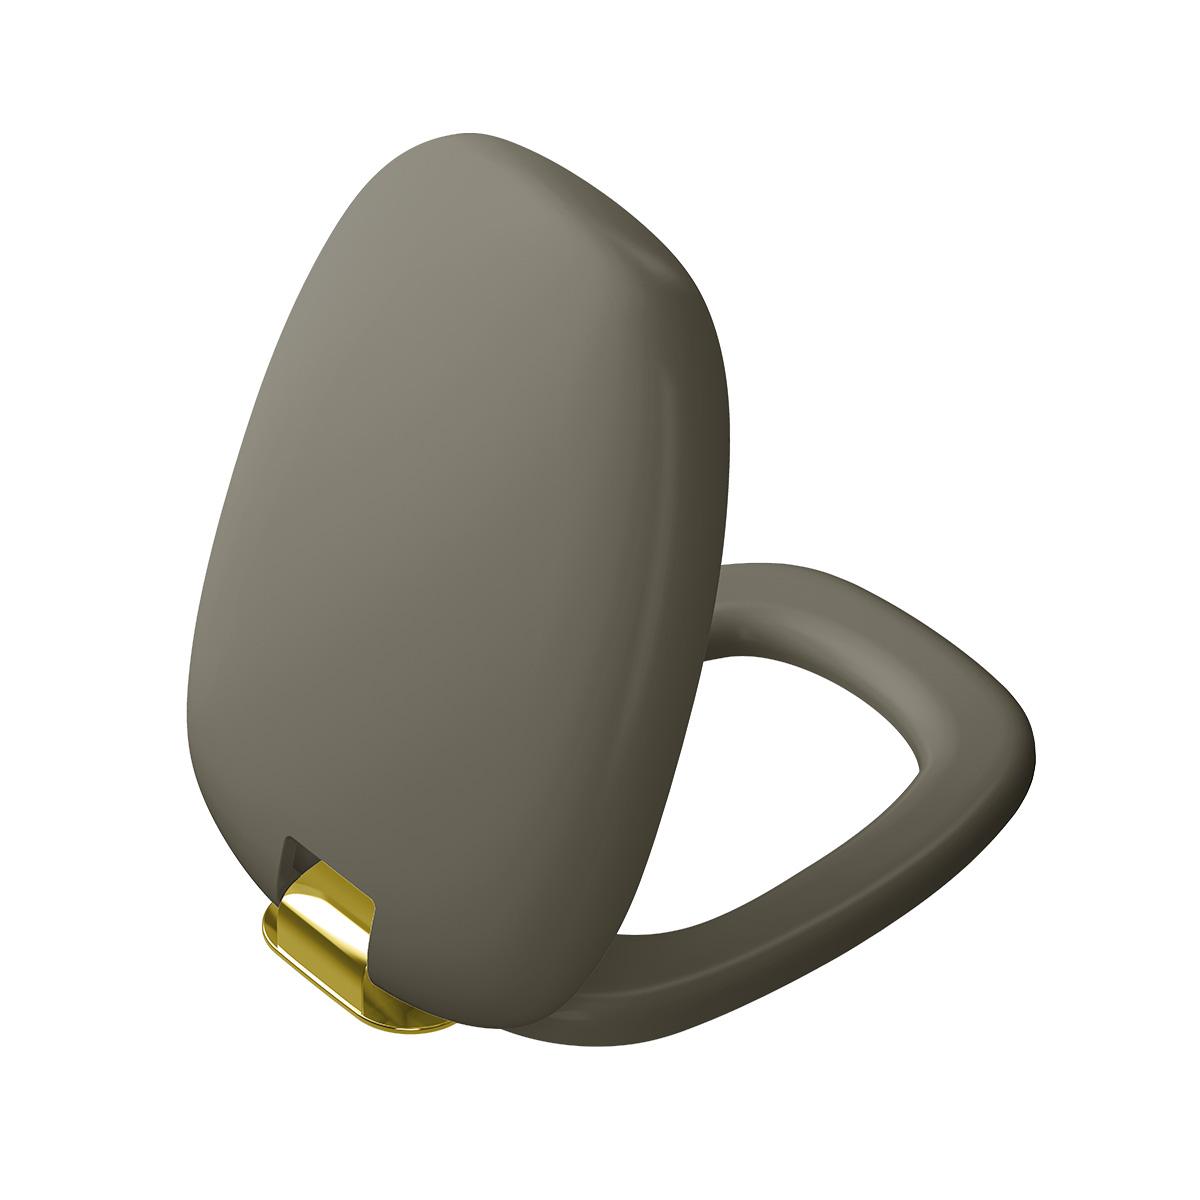 Plural WC-Sitz mit Absenkautomatik, Nerz Matt/Gold